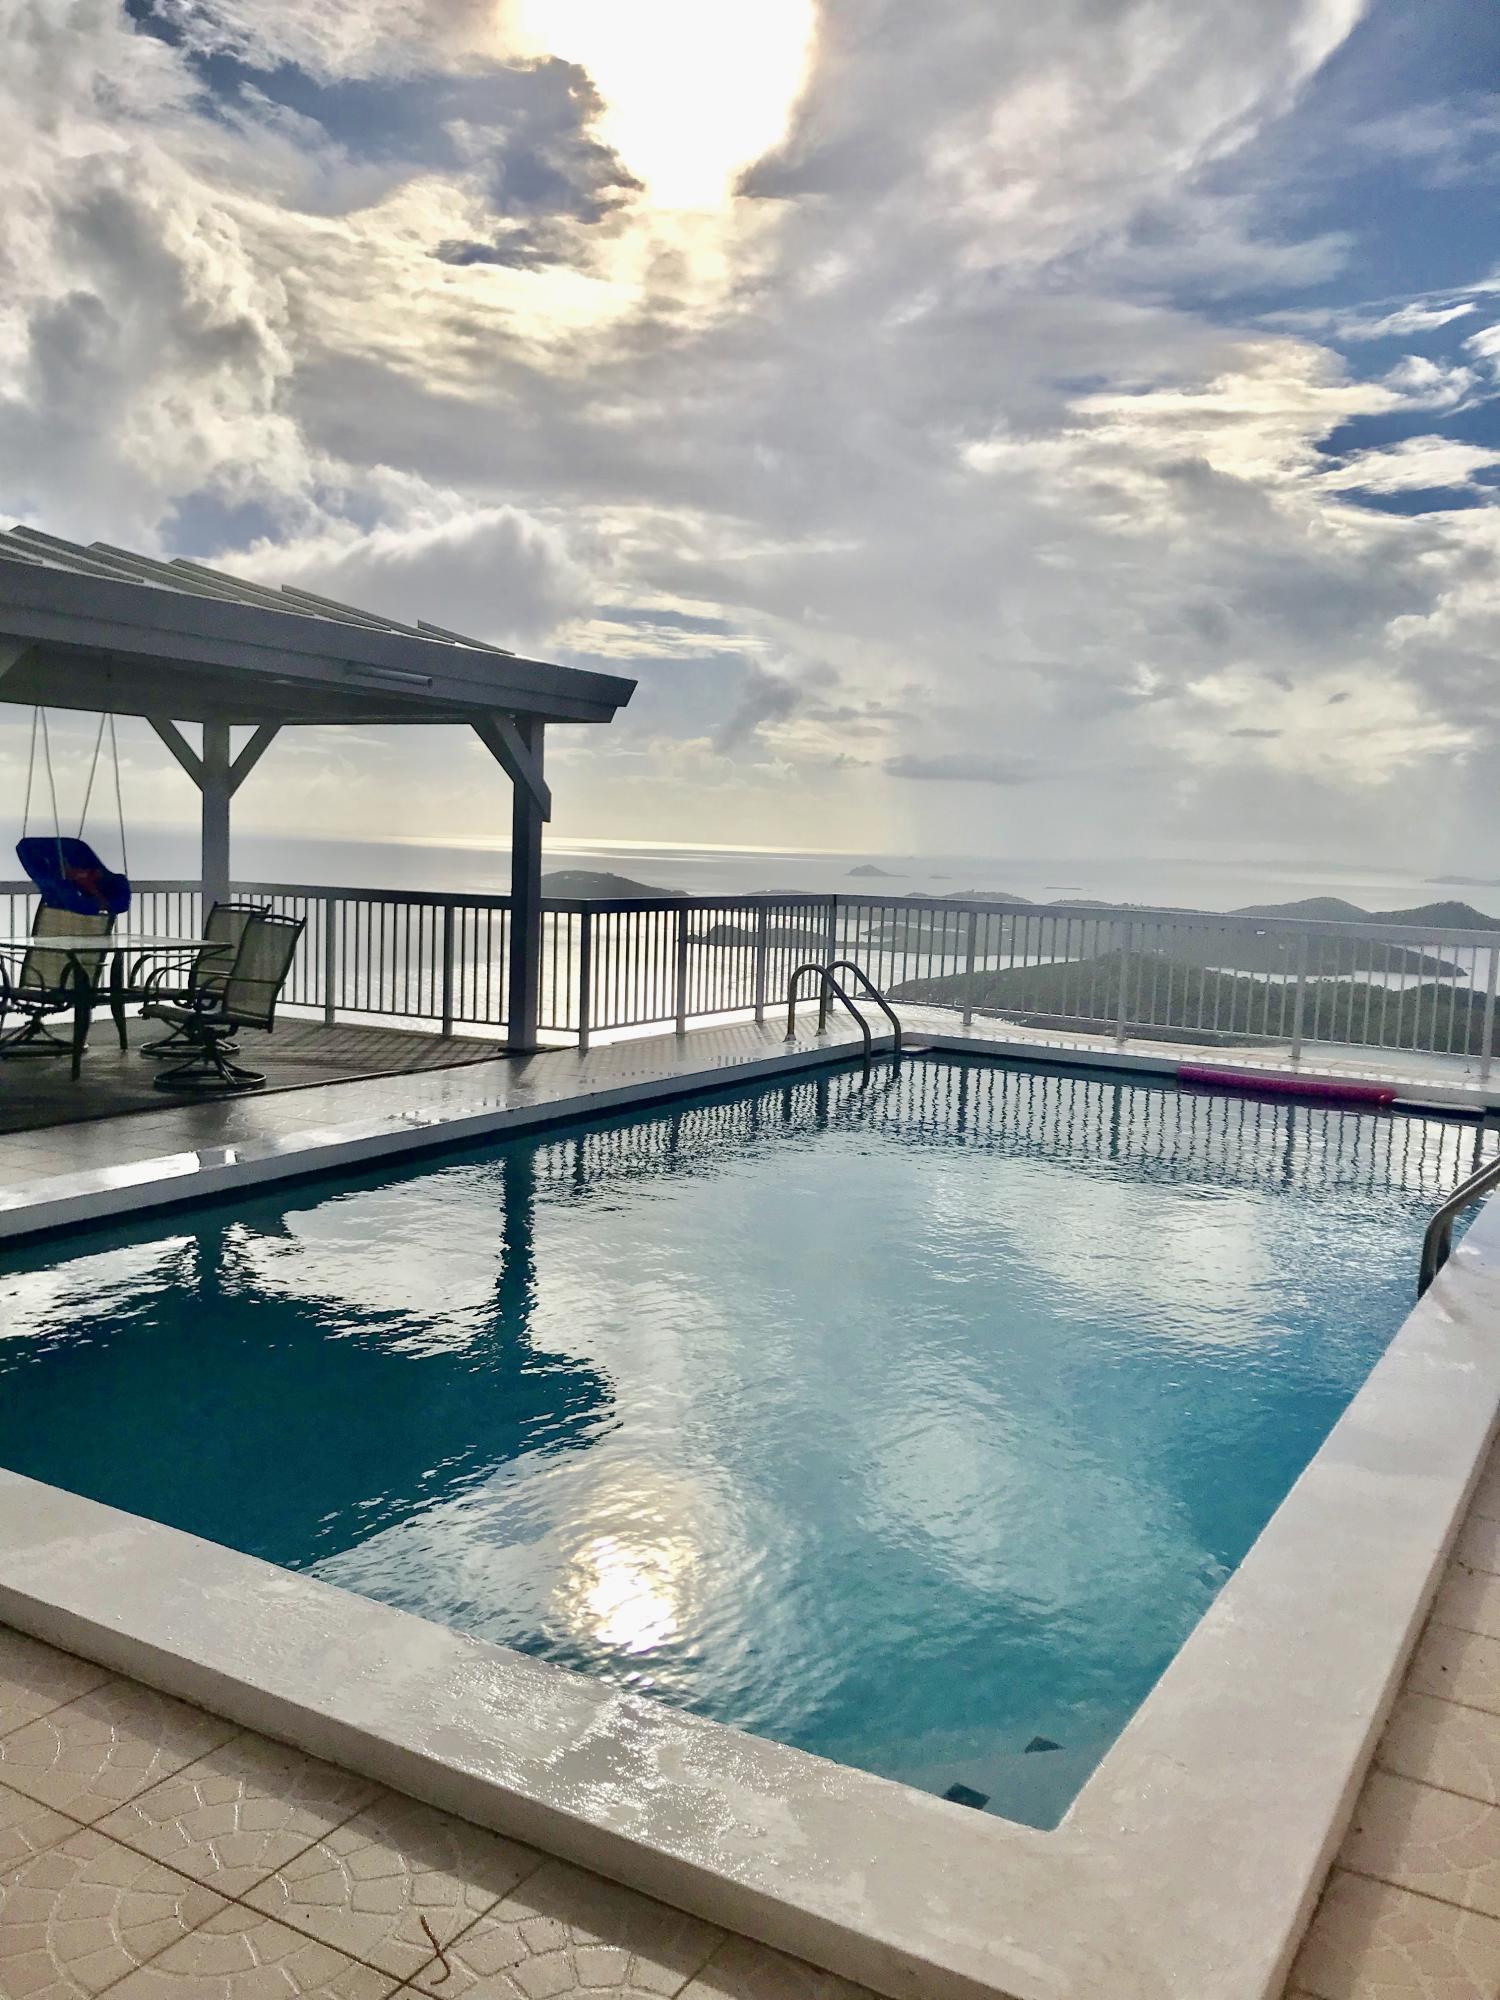 Single Family Home for Sale at 3A-2 Rem Bakkeroe FB 3A-2 Rem Bakkeroe FB St Thomas, Virgin Islands 00802 United States Virgin Islands